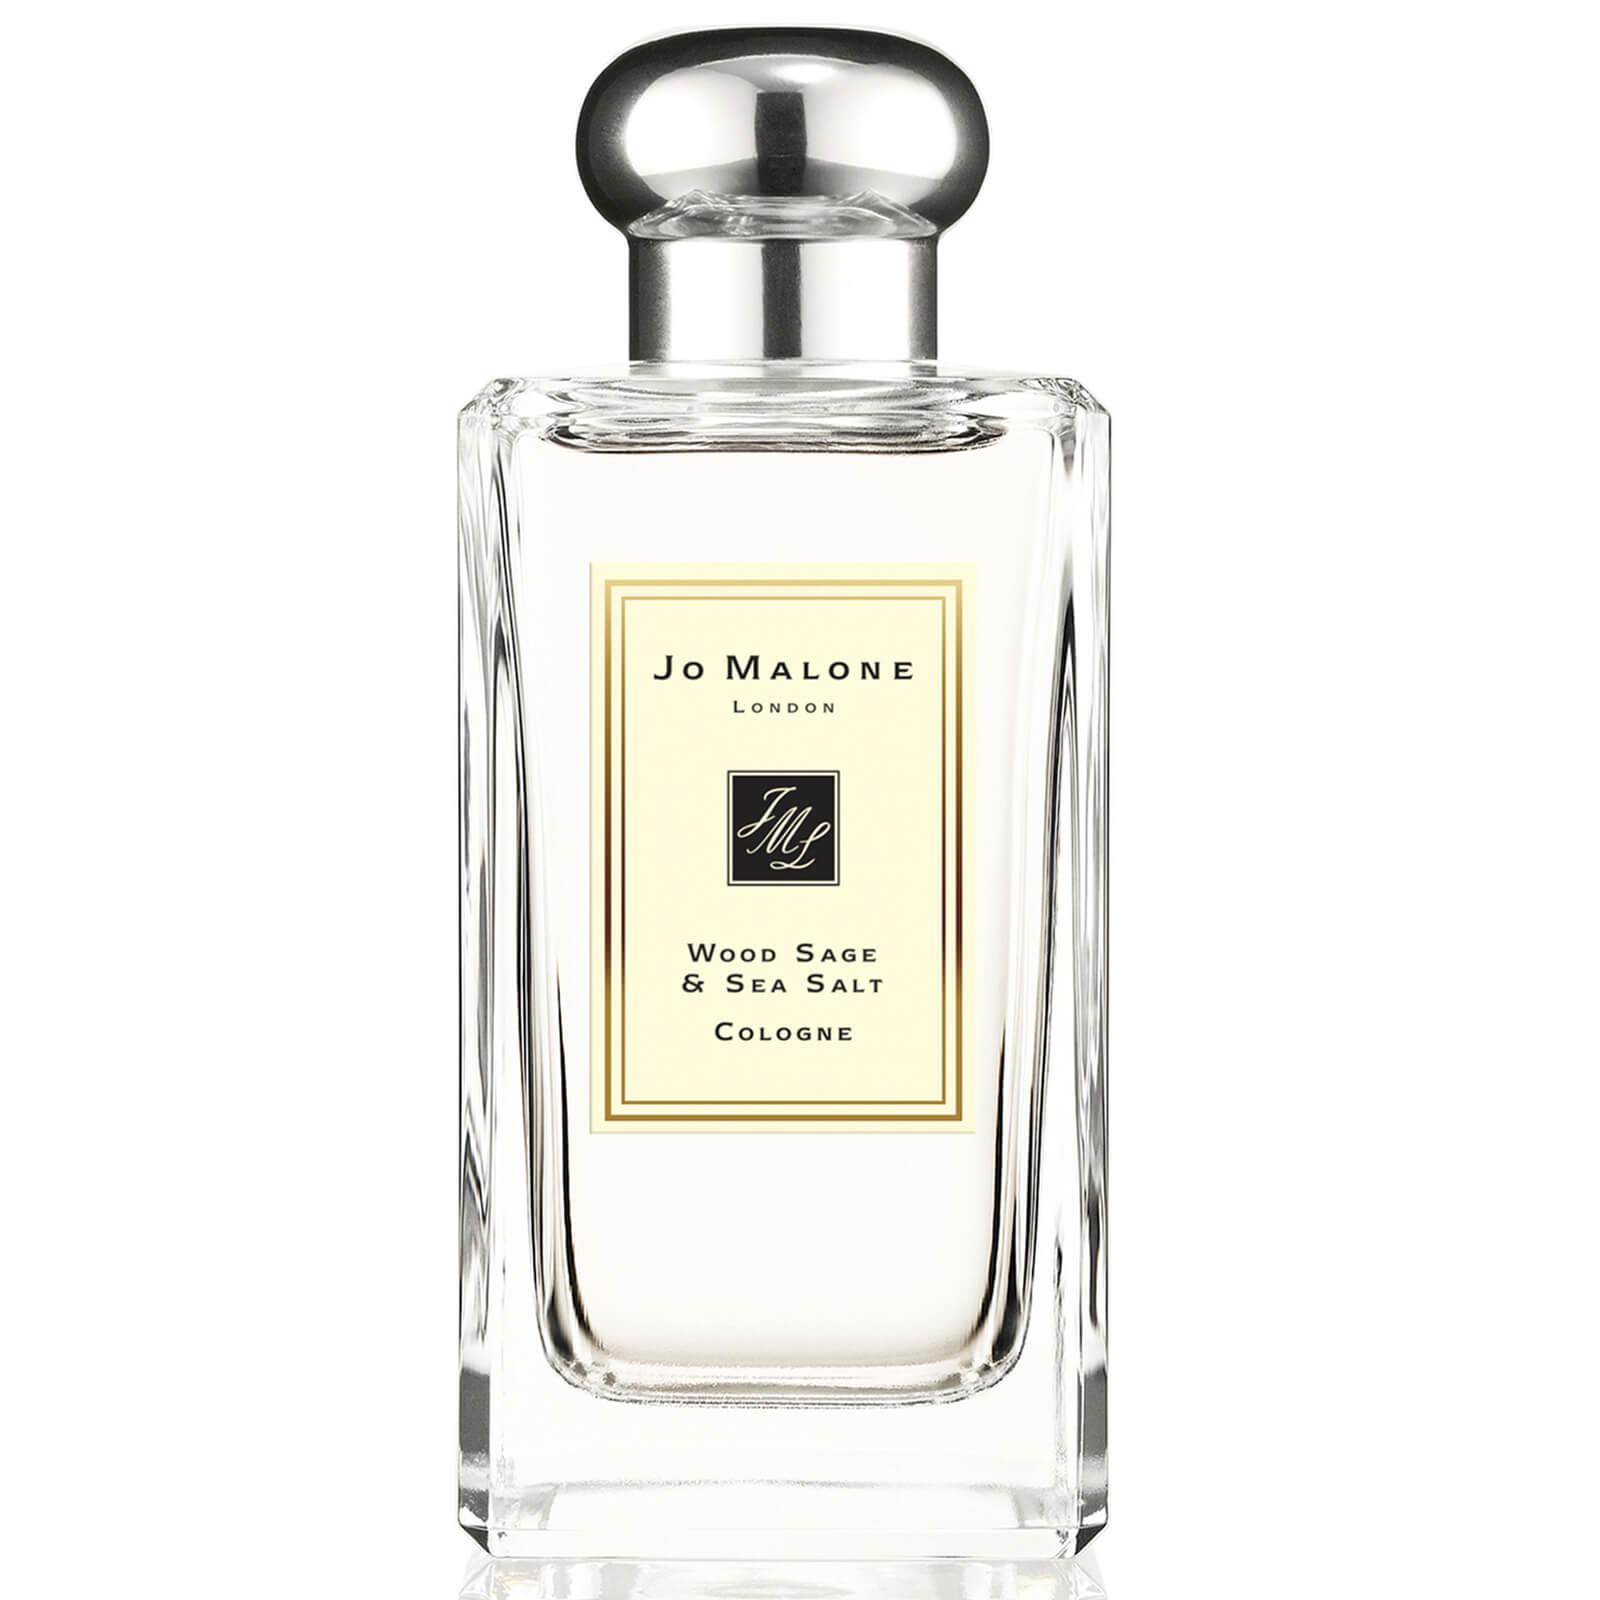 Jo Malone 祖馬龍:英倫范香氛、洗護、香薰品牌